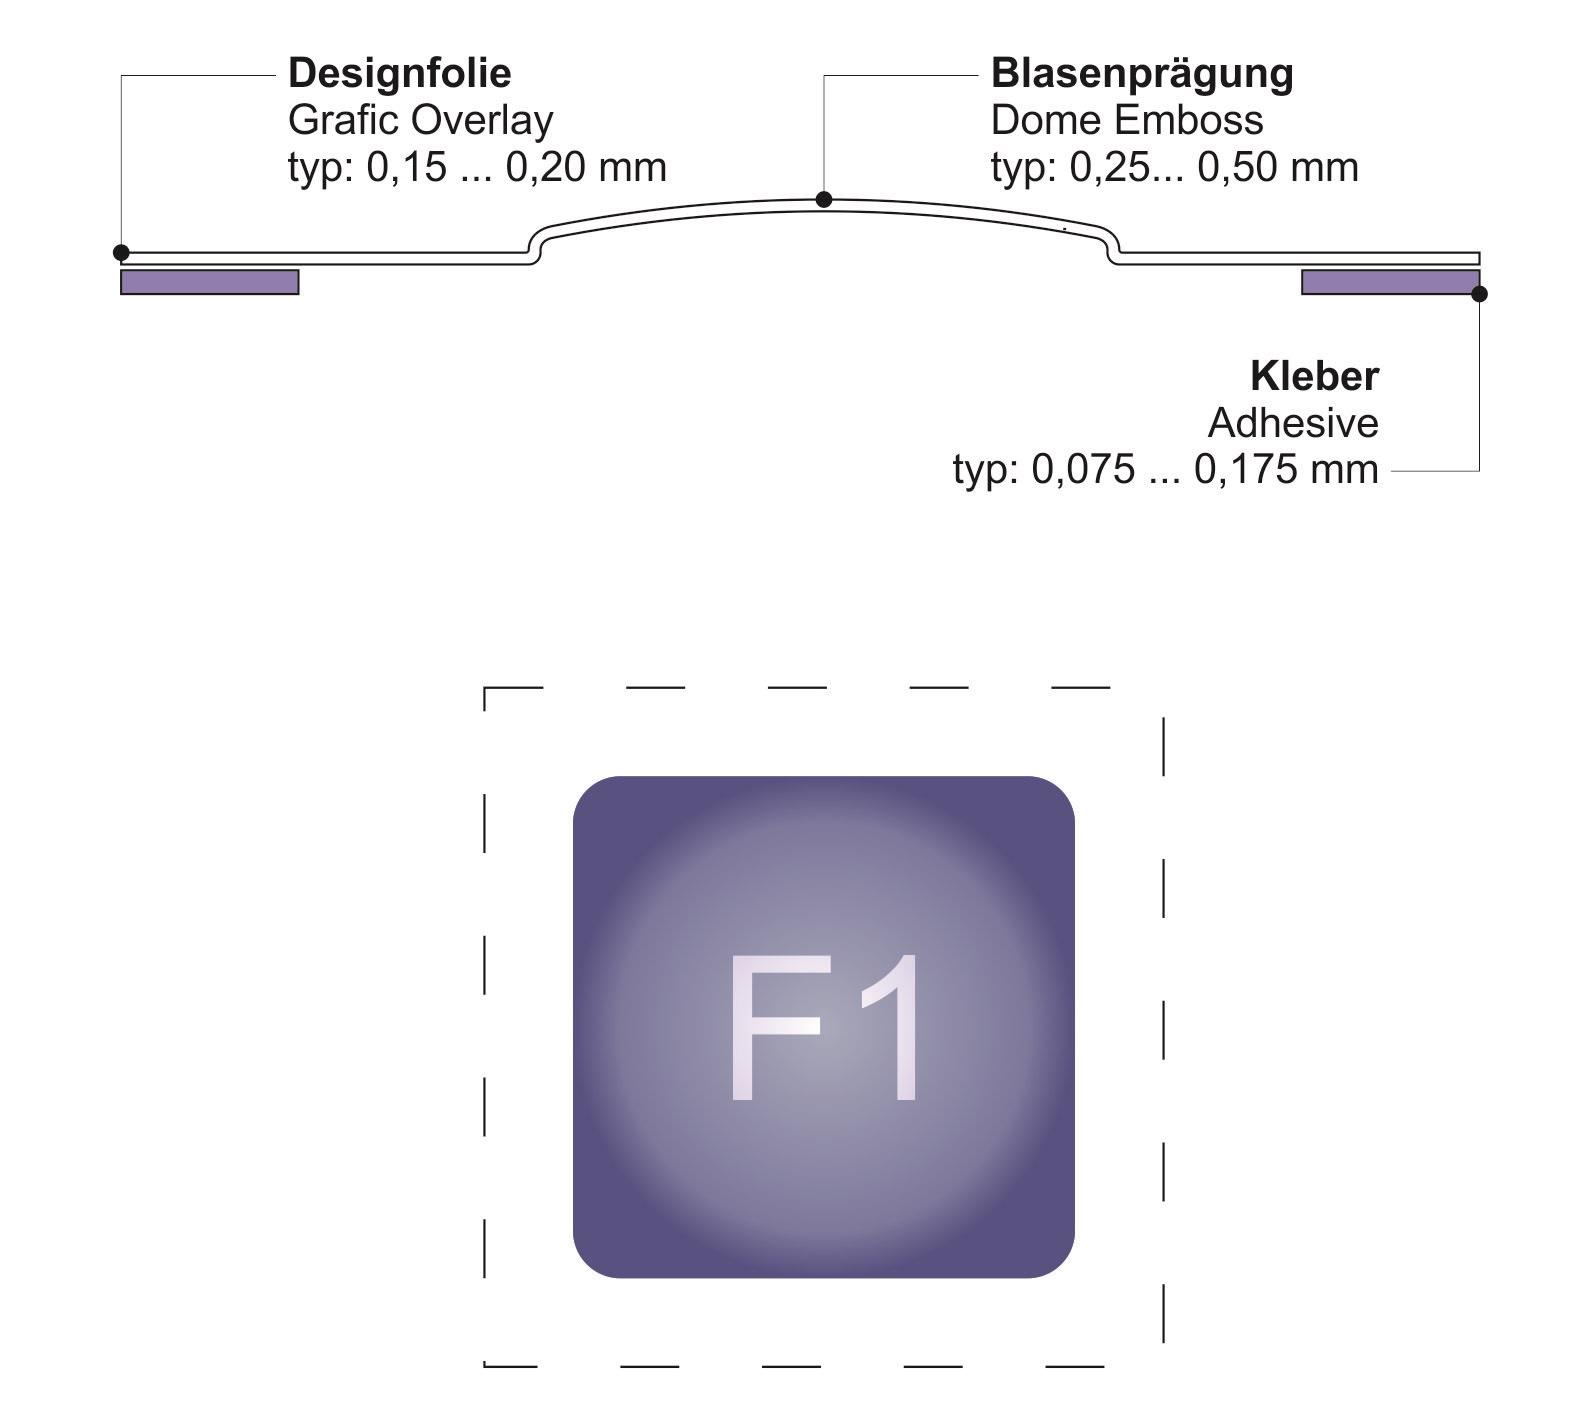 Dekorfolie mit Blasenprägung bzw. Domprägung